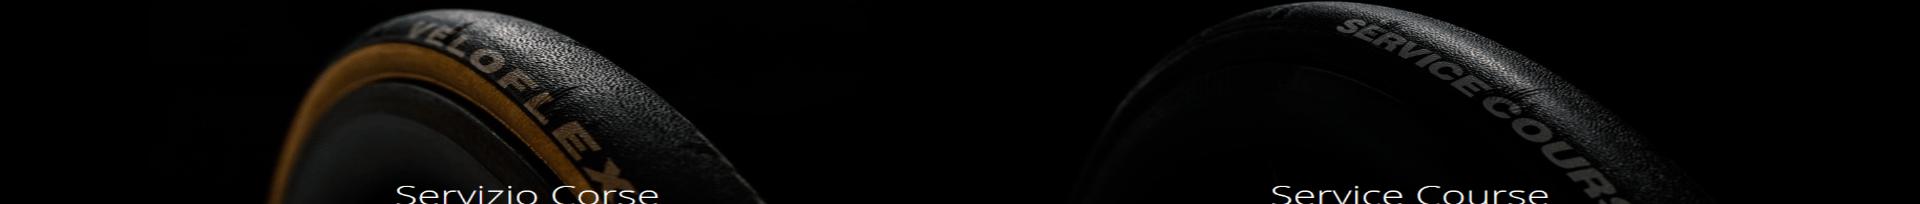 Veloflex racebanden en tubes